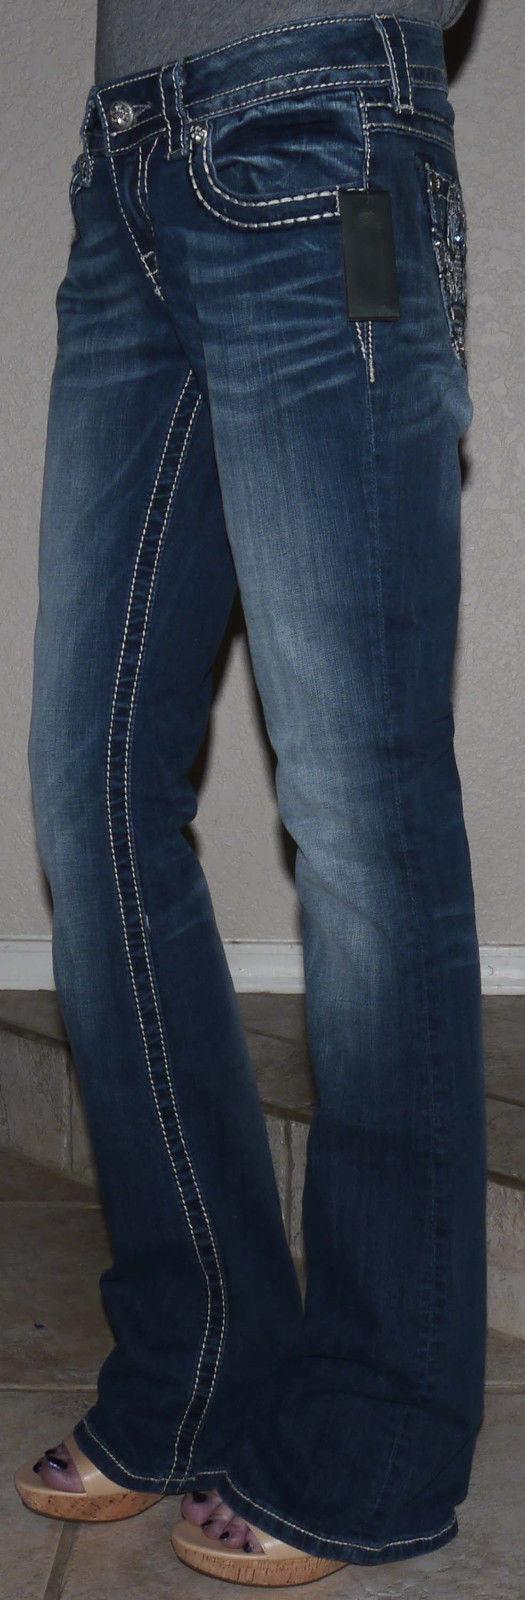 Miss Me Women's Knight Armor Fleur De Lis Boot Cut Jeans  (Several Sizes) 12770